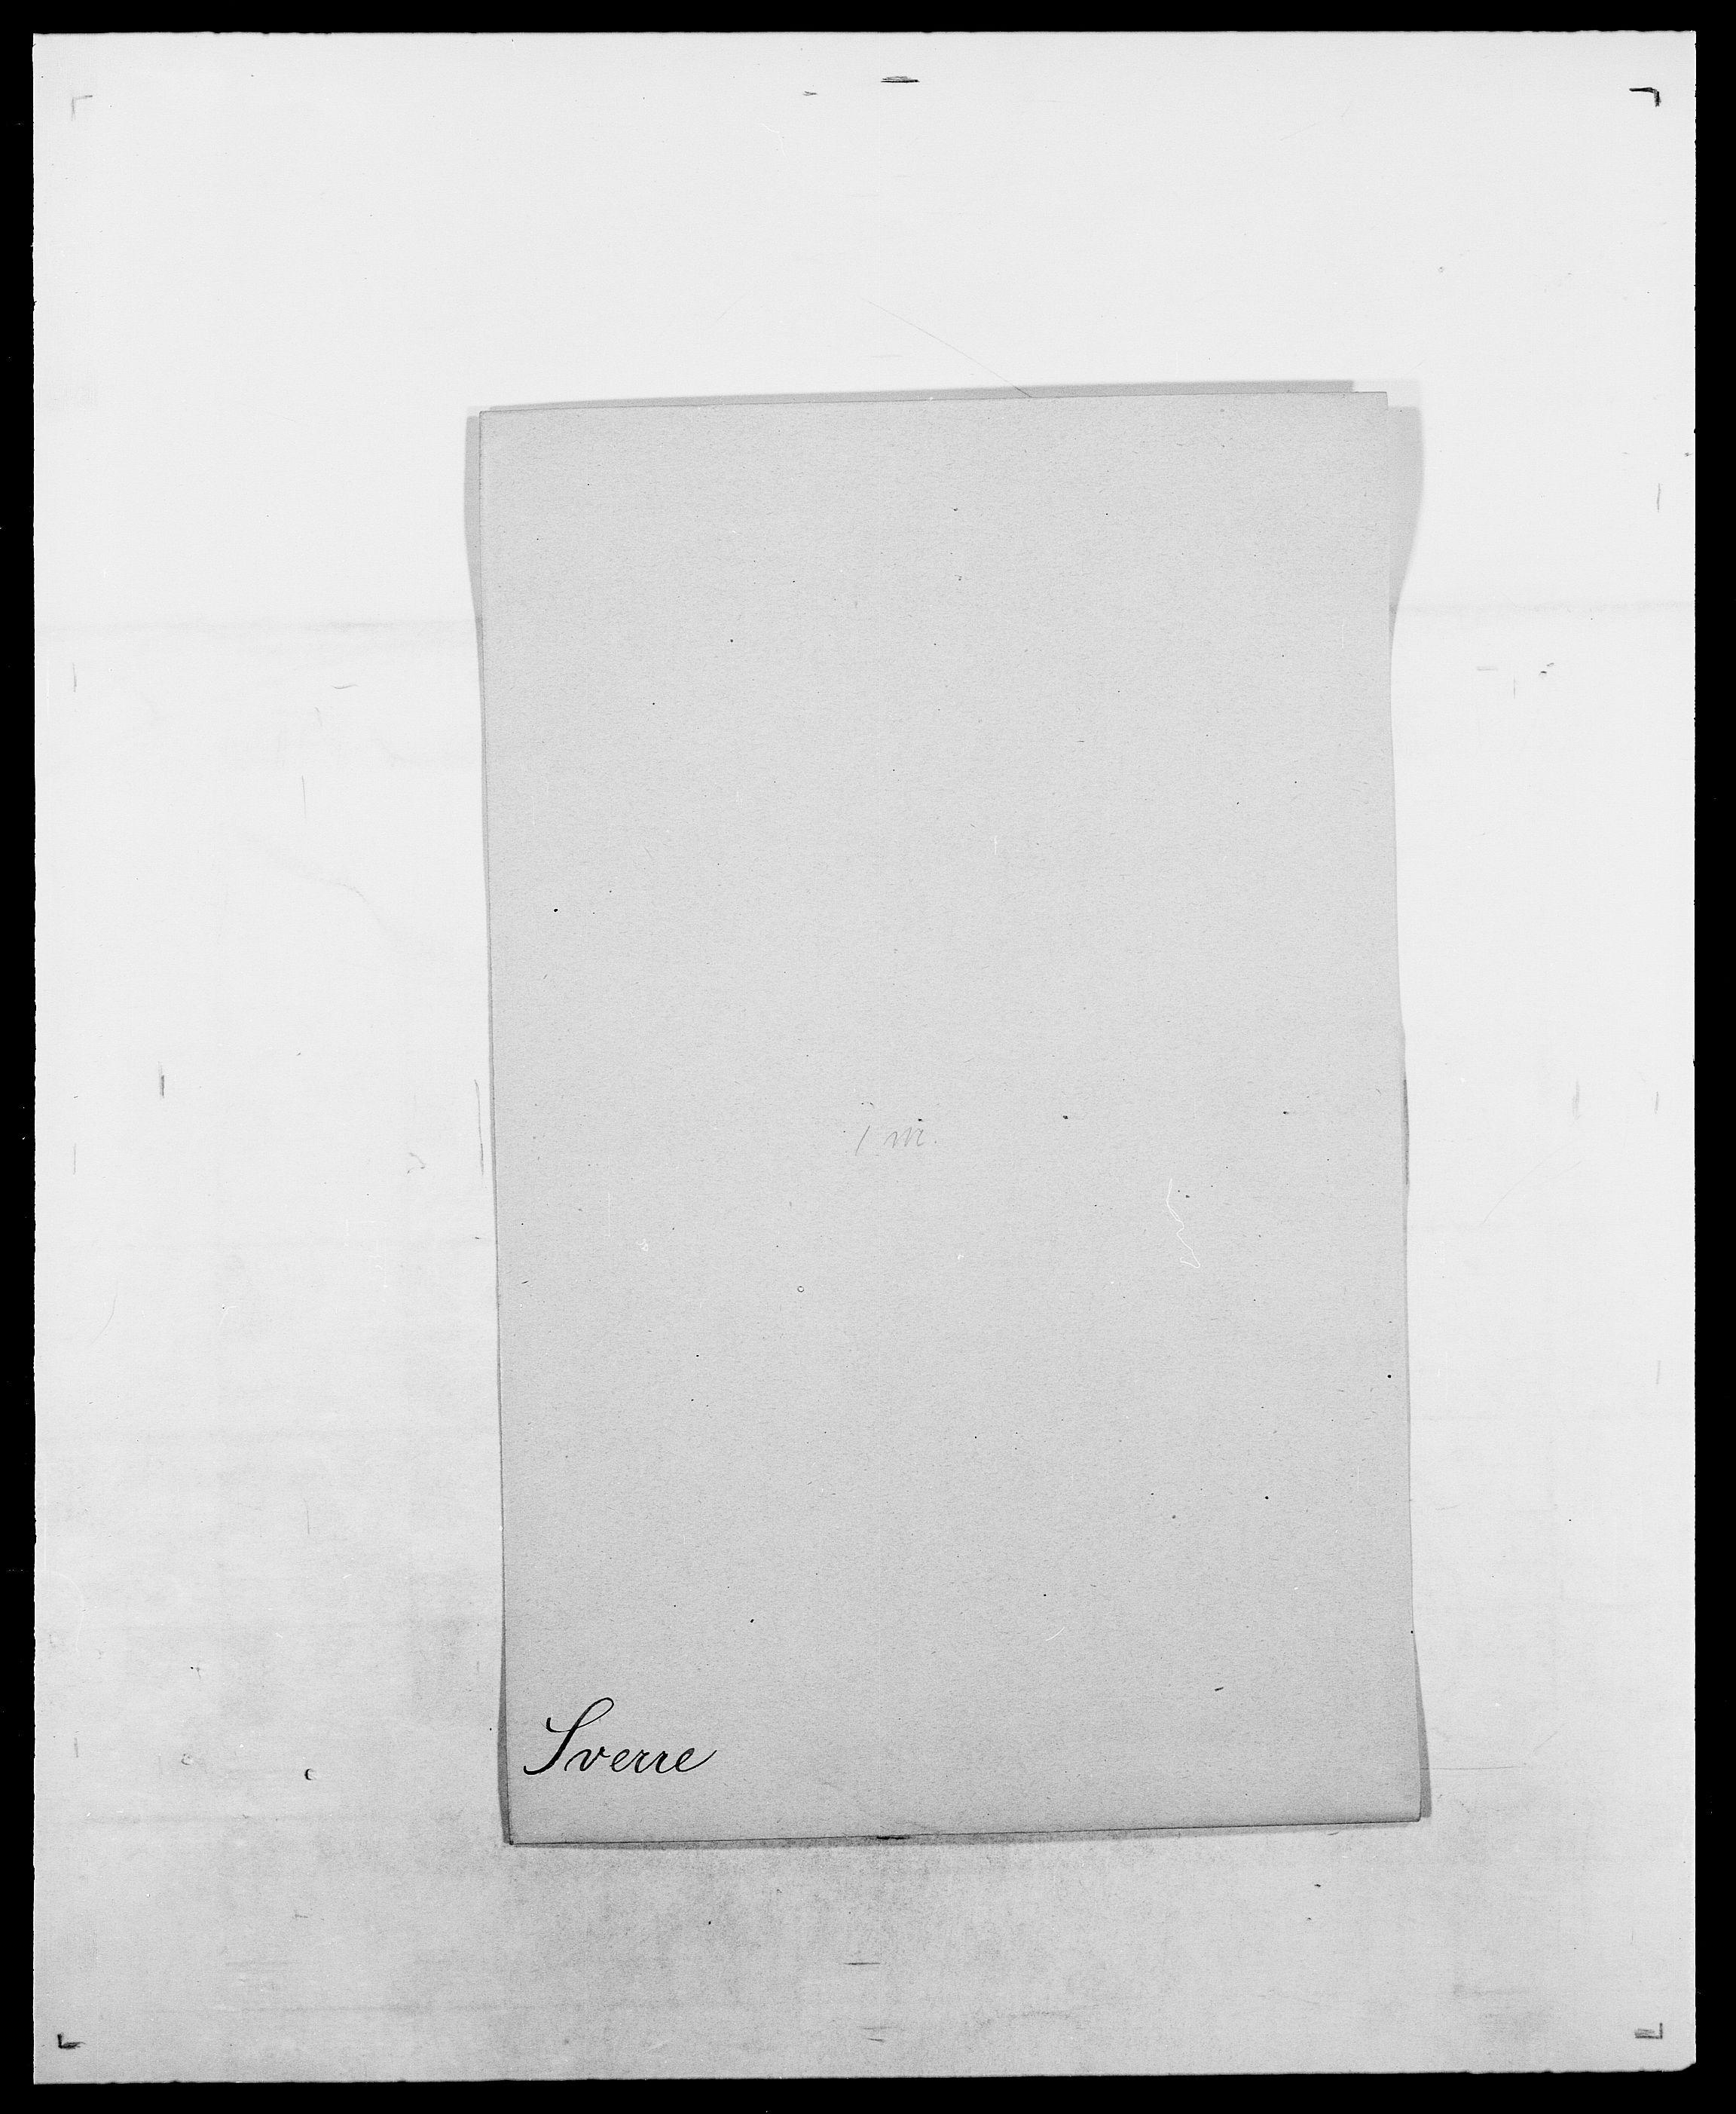 SAO, Delgobe, Charles Antoine - samling, D/Da/L0038: Svanenskjold - Thornsohn, s. 65